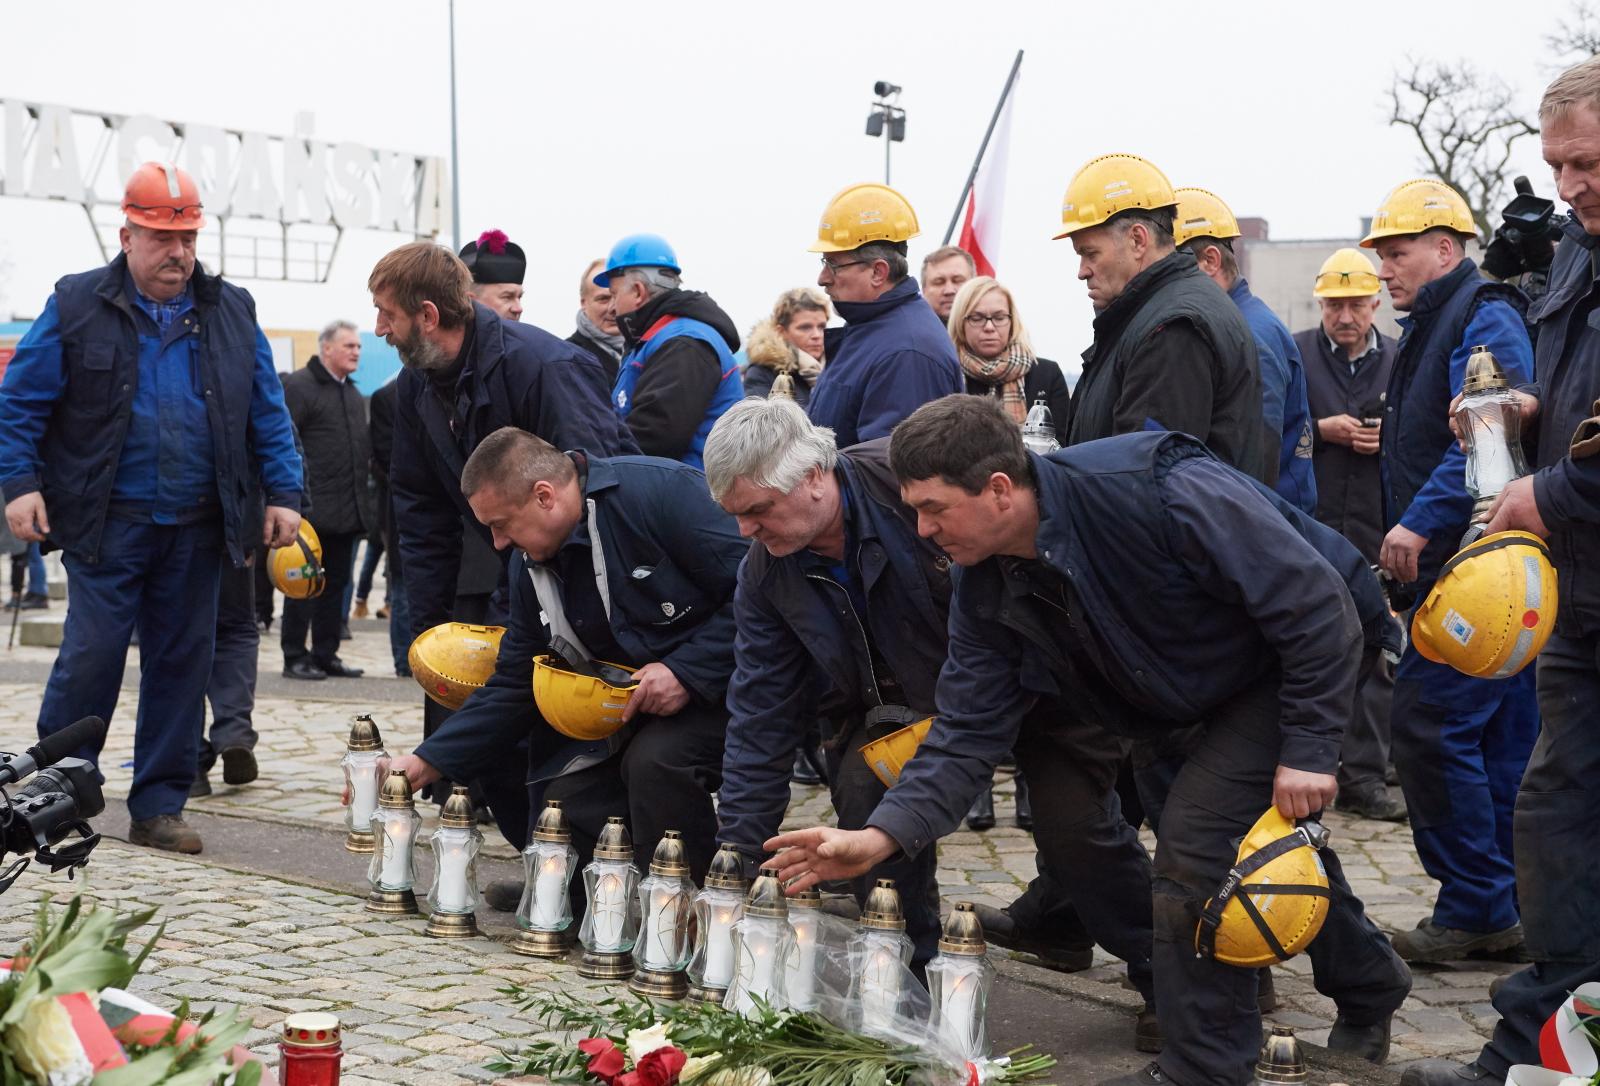 Stoczniowcy składają kwiaty i zapalają znicze przed Pomnikiem Poległych Stoczniowców podczas uroczystych obchodów 46. rocznicy Grudnia '70. Fot. PAP/Adam Warżawa